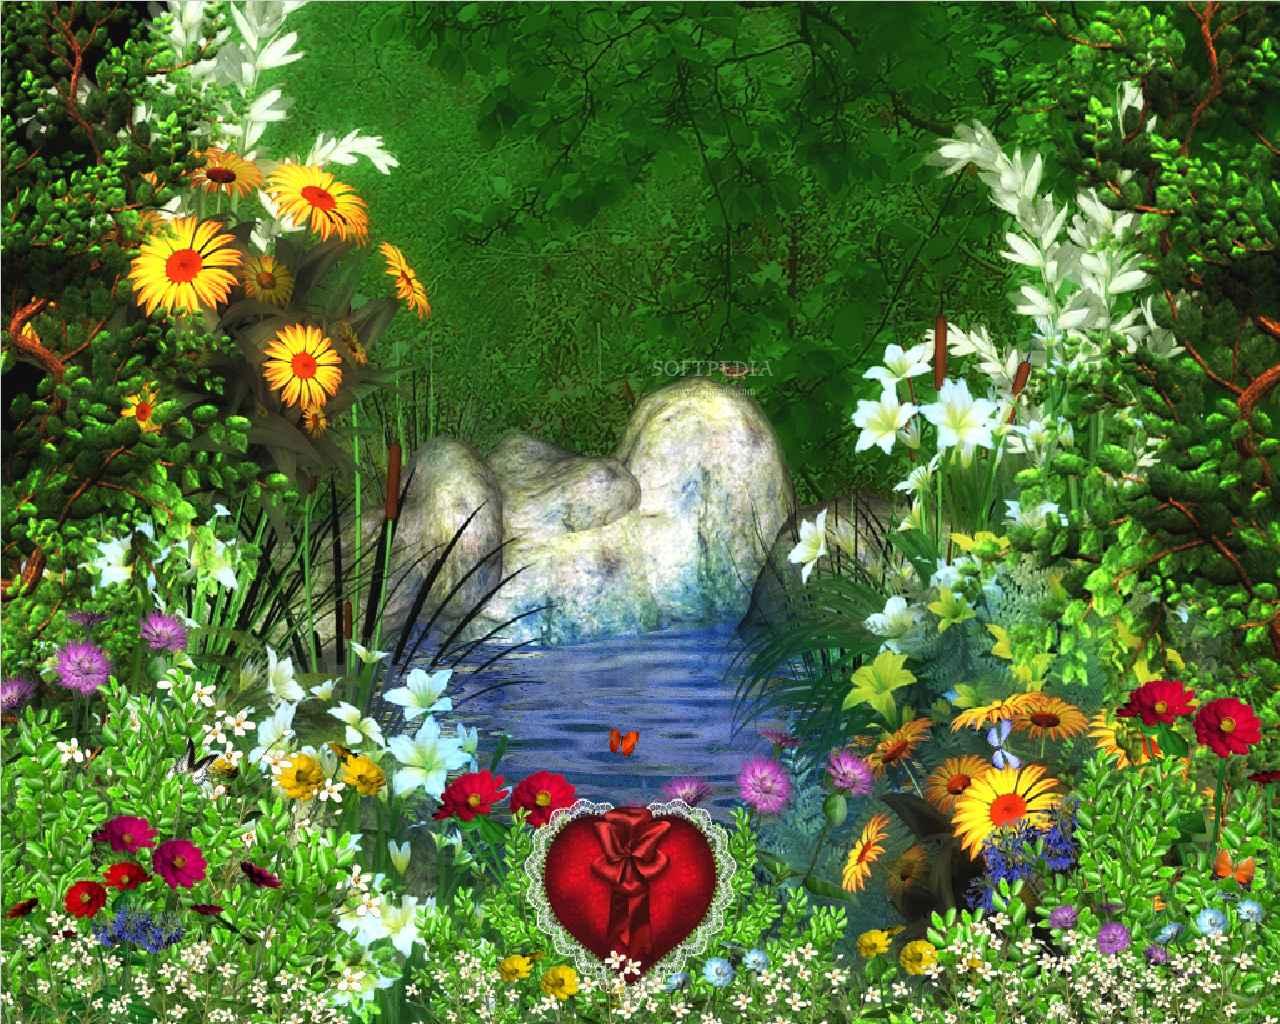 http://3.bp.blogspot.com/_fkl2l--KsSQ/TR9V8BvN-3I/AAAAAAAAABs/7PN-JbDuduc/s1600/Paradise-Nook-Animated-Wallpaper_1.jpg